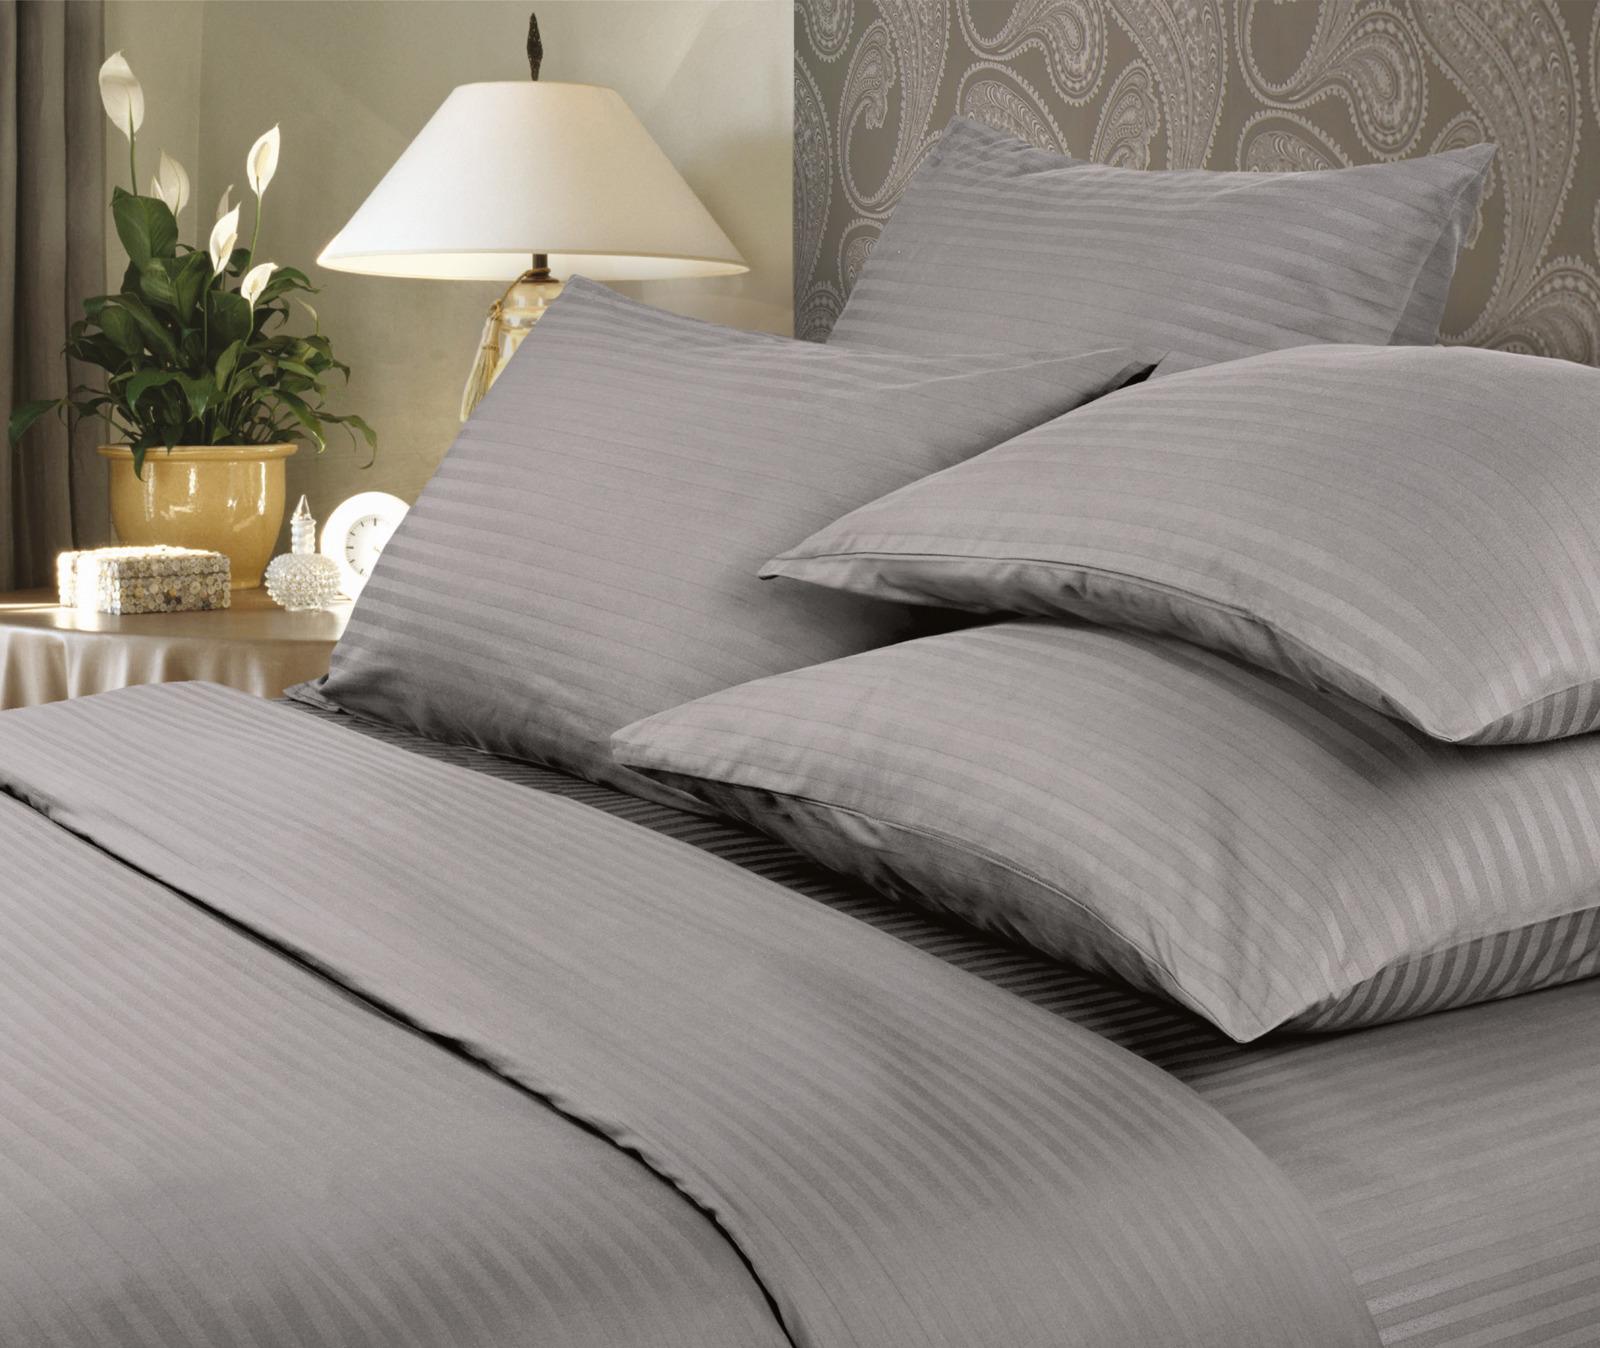 Комплект белья Verossa Gray, 2-спальный, наволочки 50x70